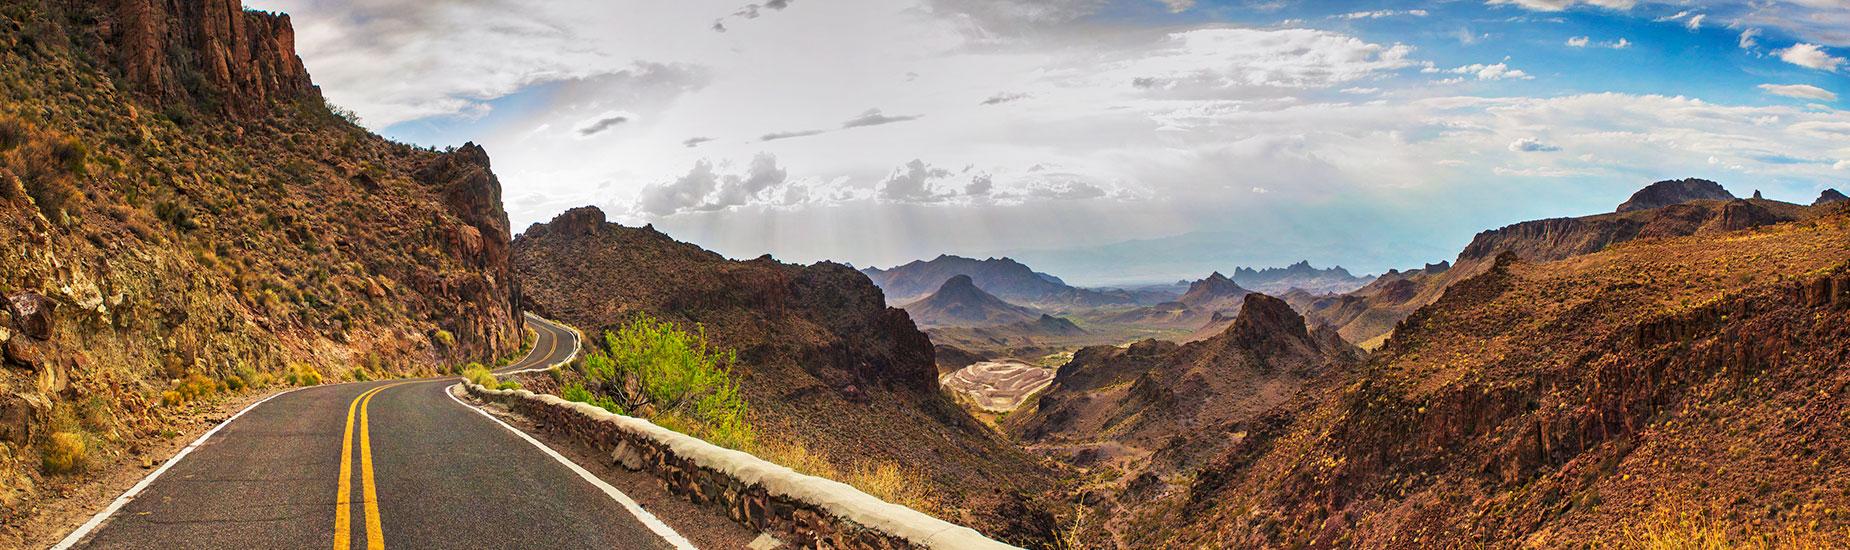 route 66 route bergen